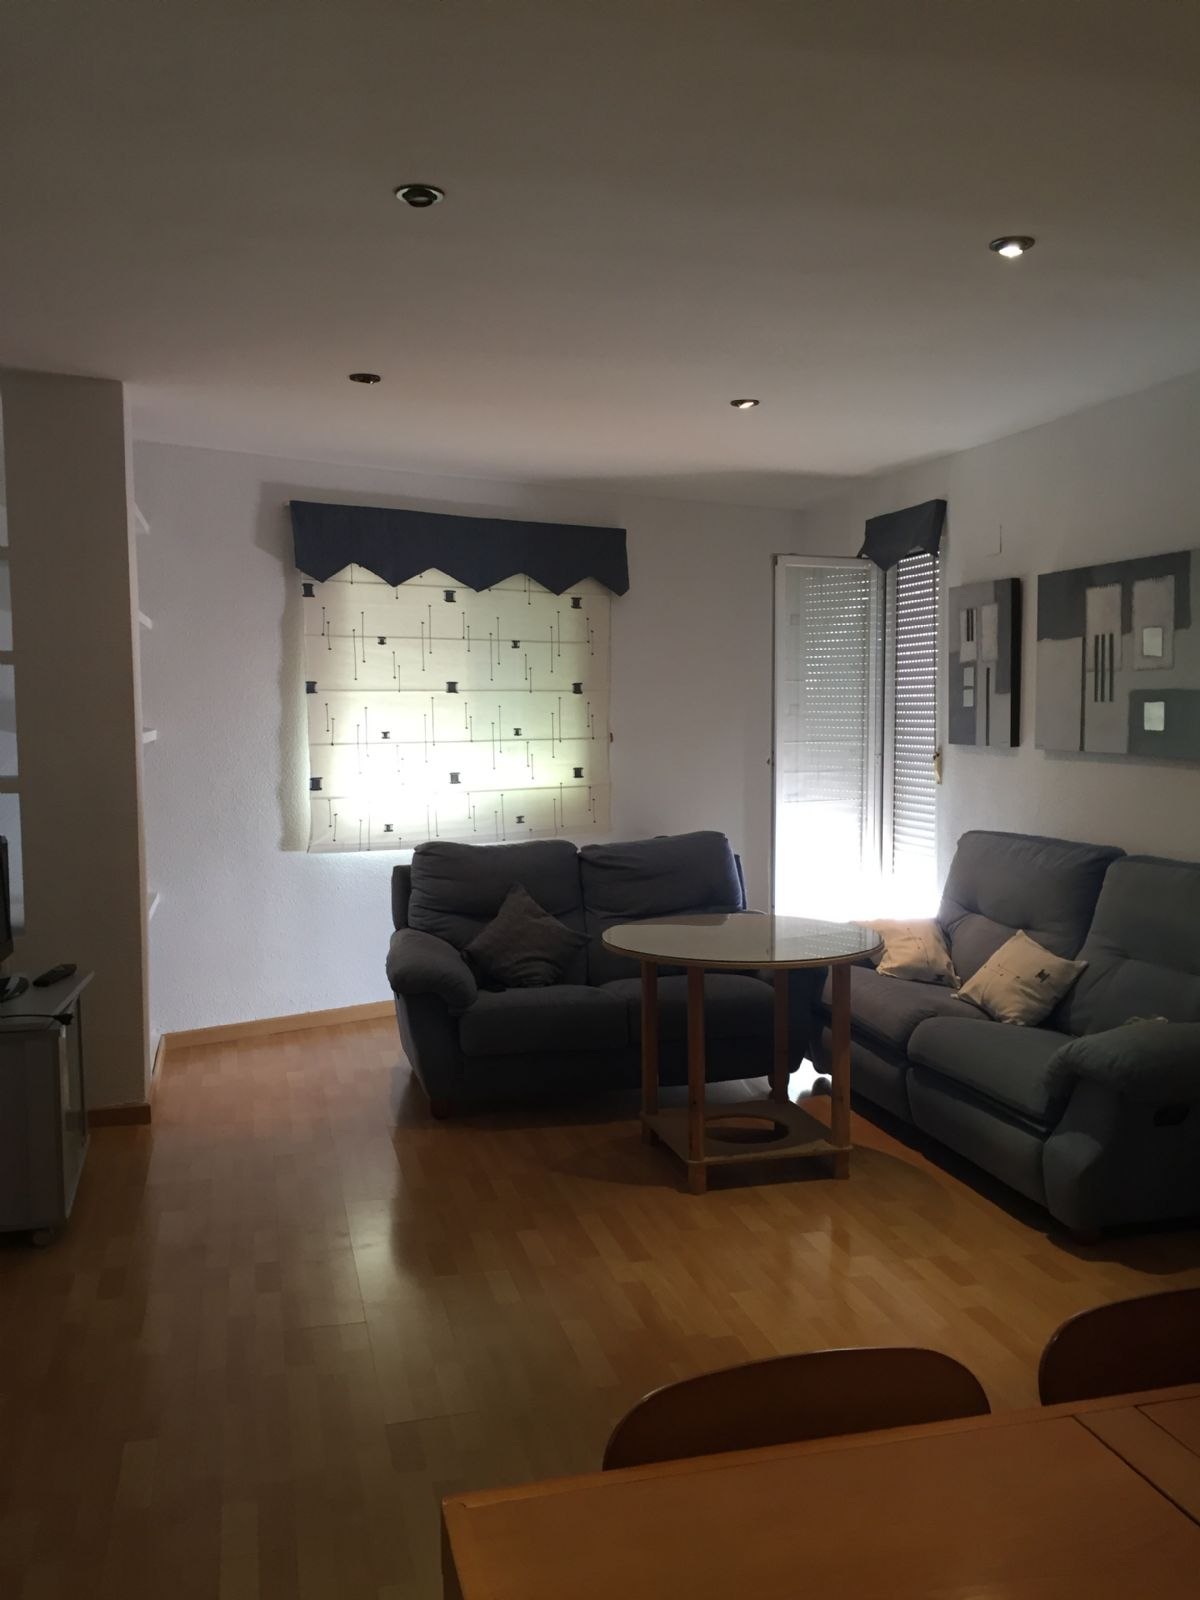 Piso en venta en Torre del Campo, Jaén, Calle Puente Palo, 93.000 €, 3 habitaciones, 2 baños, 124 m2